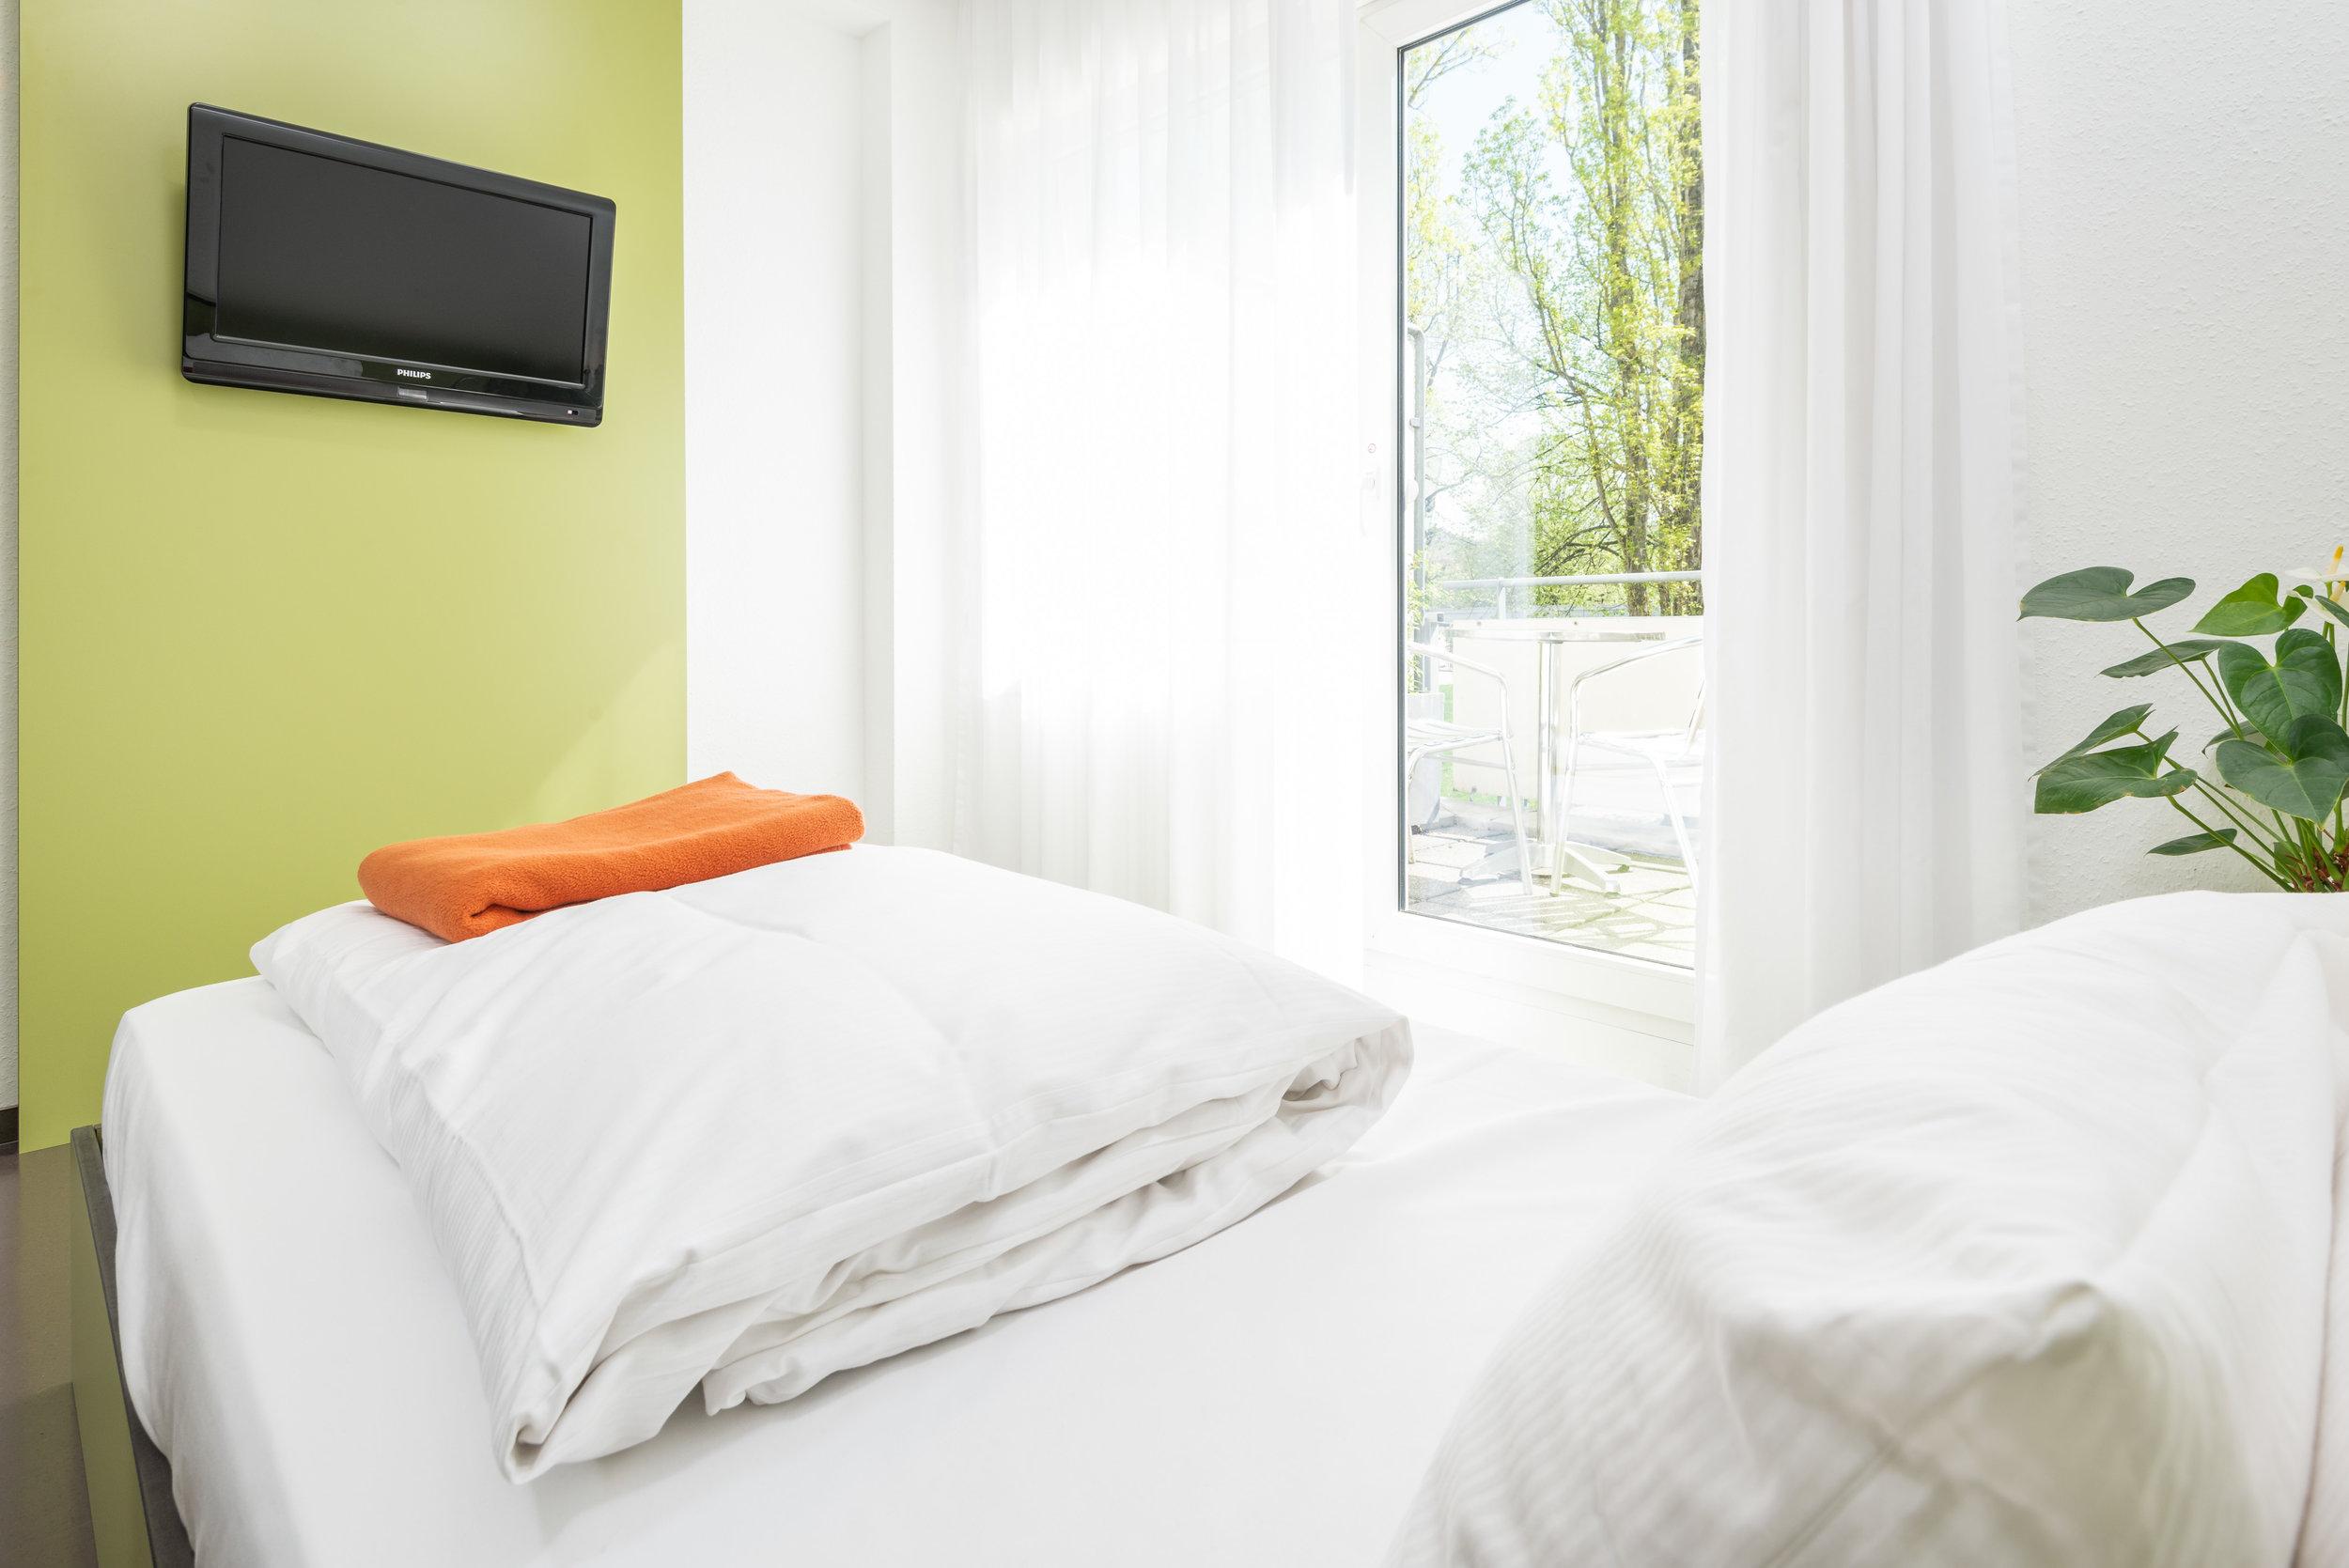 Hotel Bischofslinde - 180417 - 0472-Edit.jpg